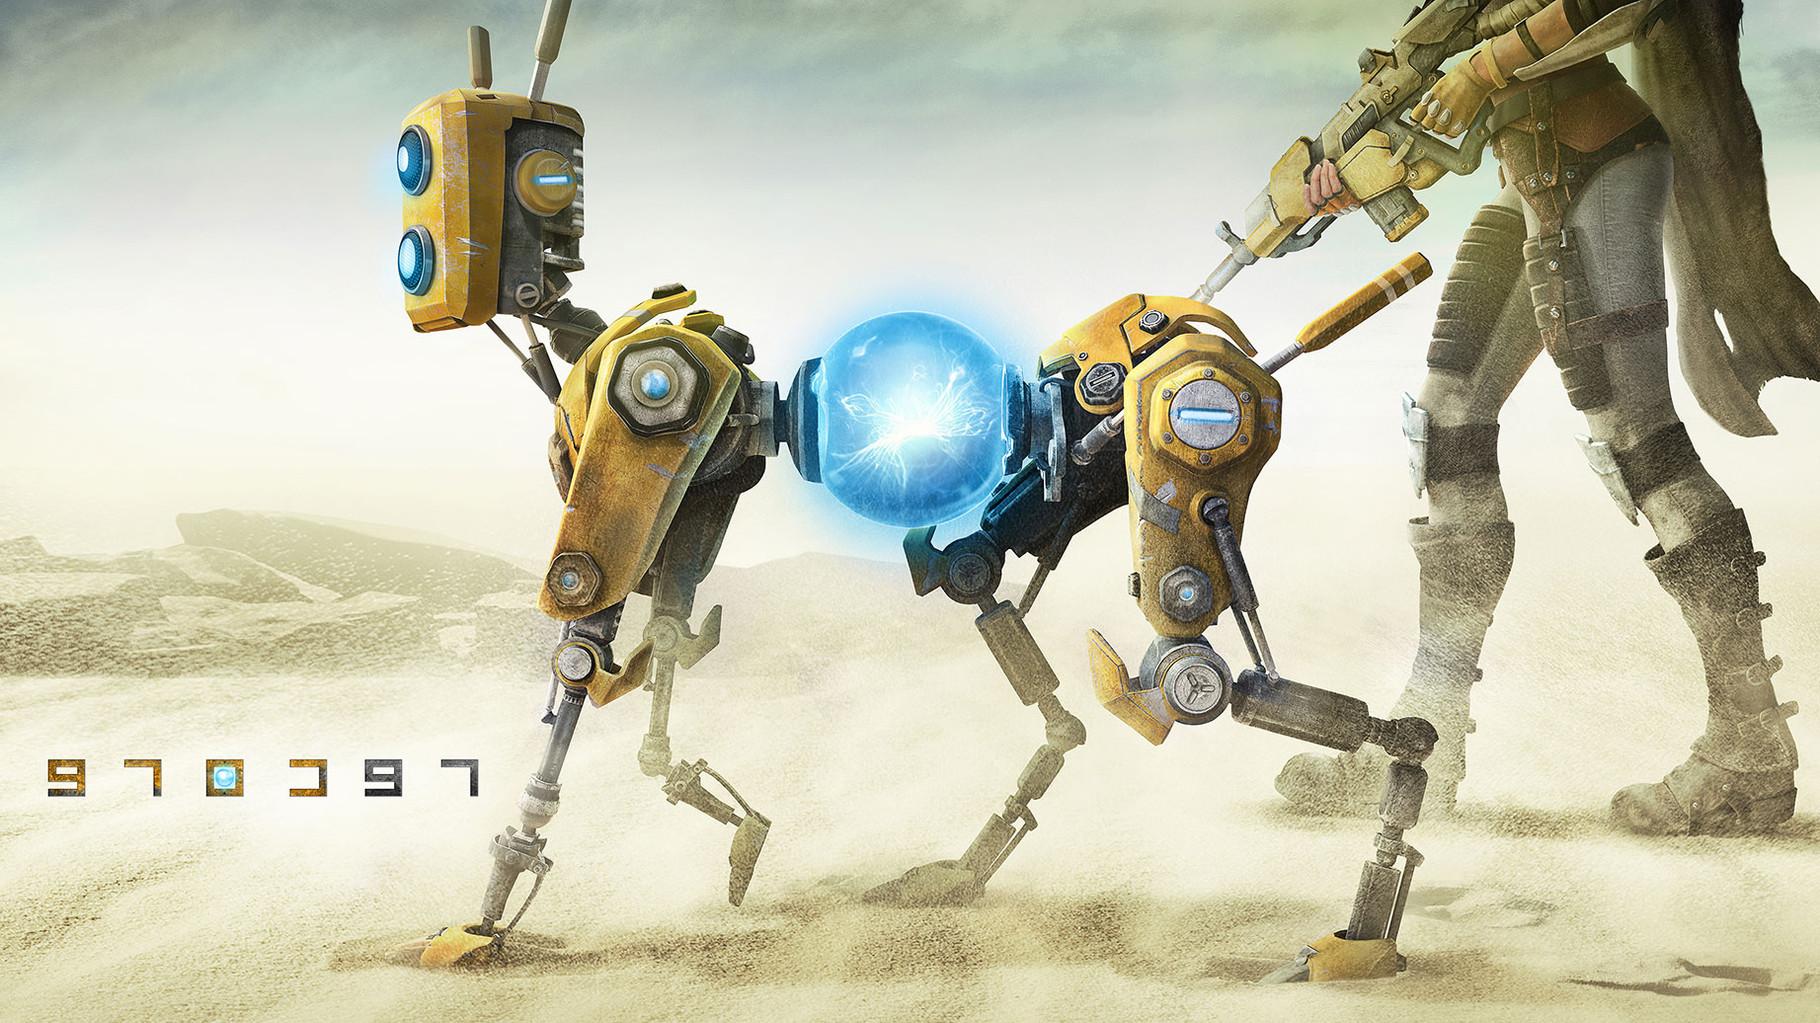 """Recore: Zu den großen Überraschungen der Microsoft-Konferenz gehörte der Trailer eines neues Spiels vom japanischen Designer-Promi Keiji Inafune (""""Mega Man"""", """"Onimusha""""): Der vorgerenderte """"Recore""""-Teaser zeigte Heldin nebst Roboter-Hund."""